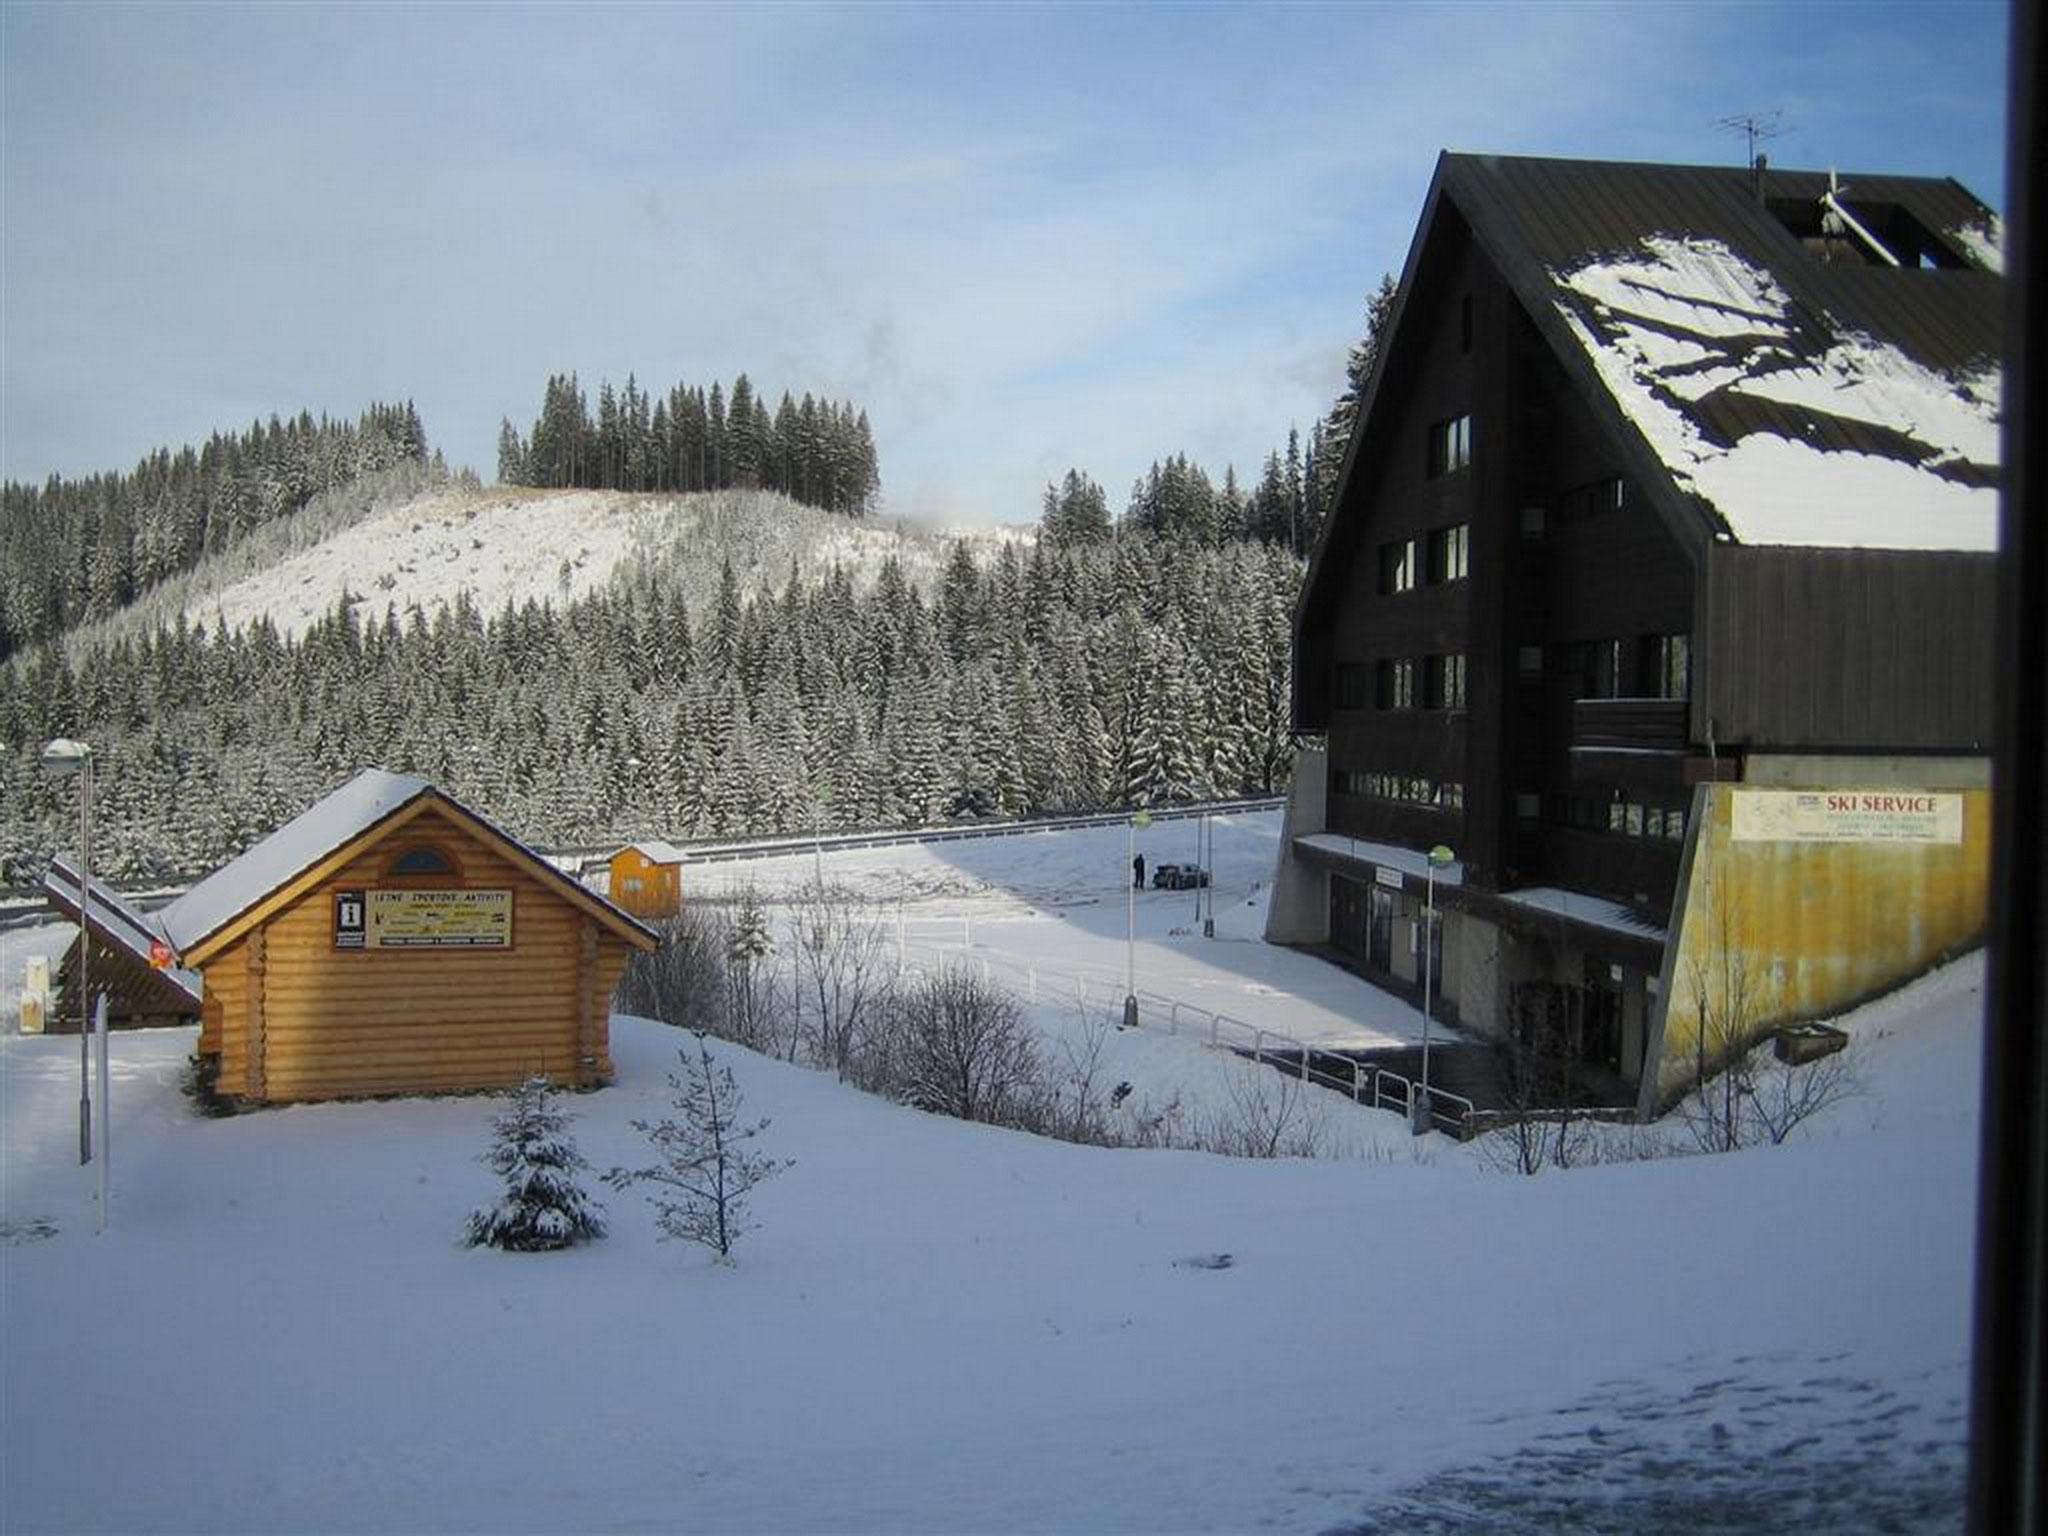 ... in Tatra mountain